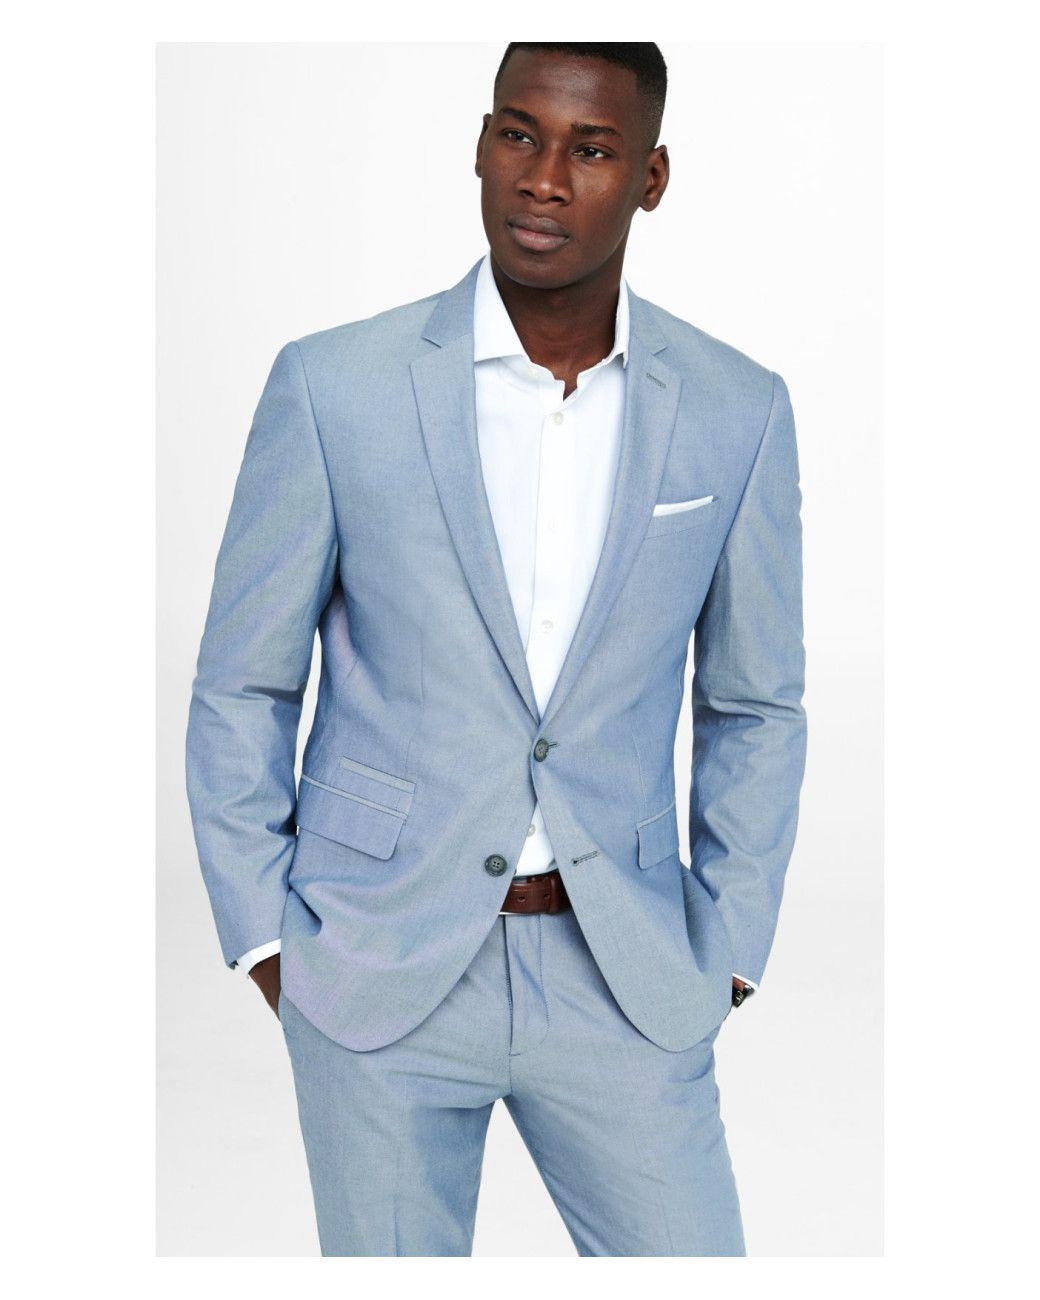 Men\'s Blue Oxford Cloth Photographer Suit Jacket | Suit jackets ...